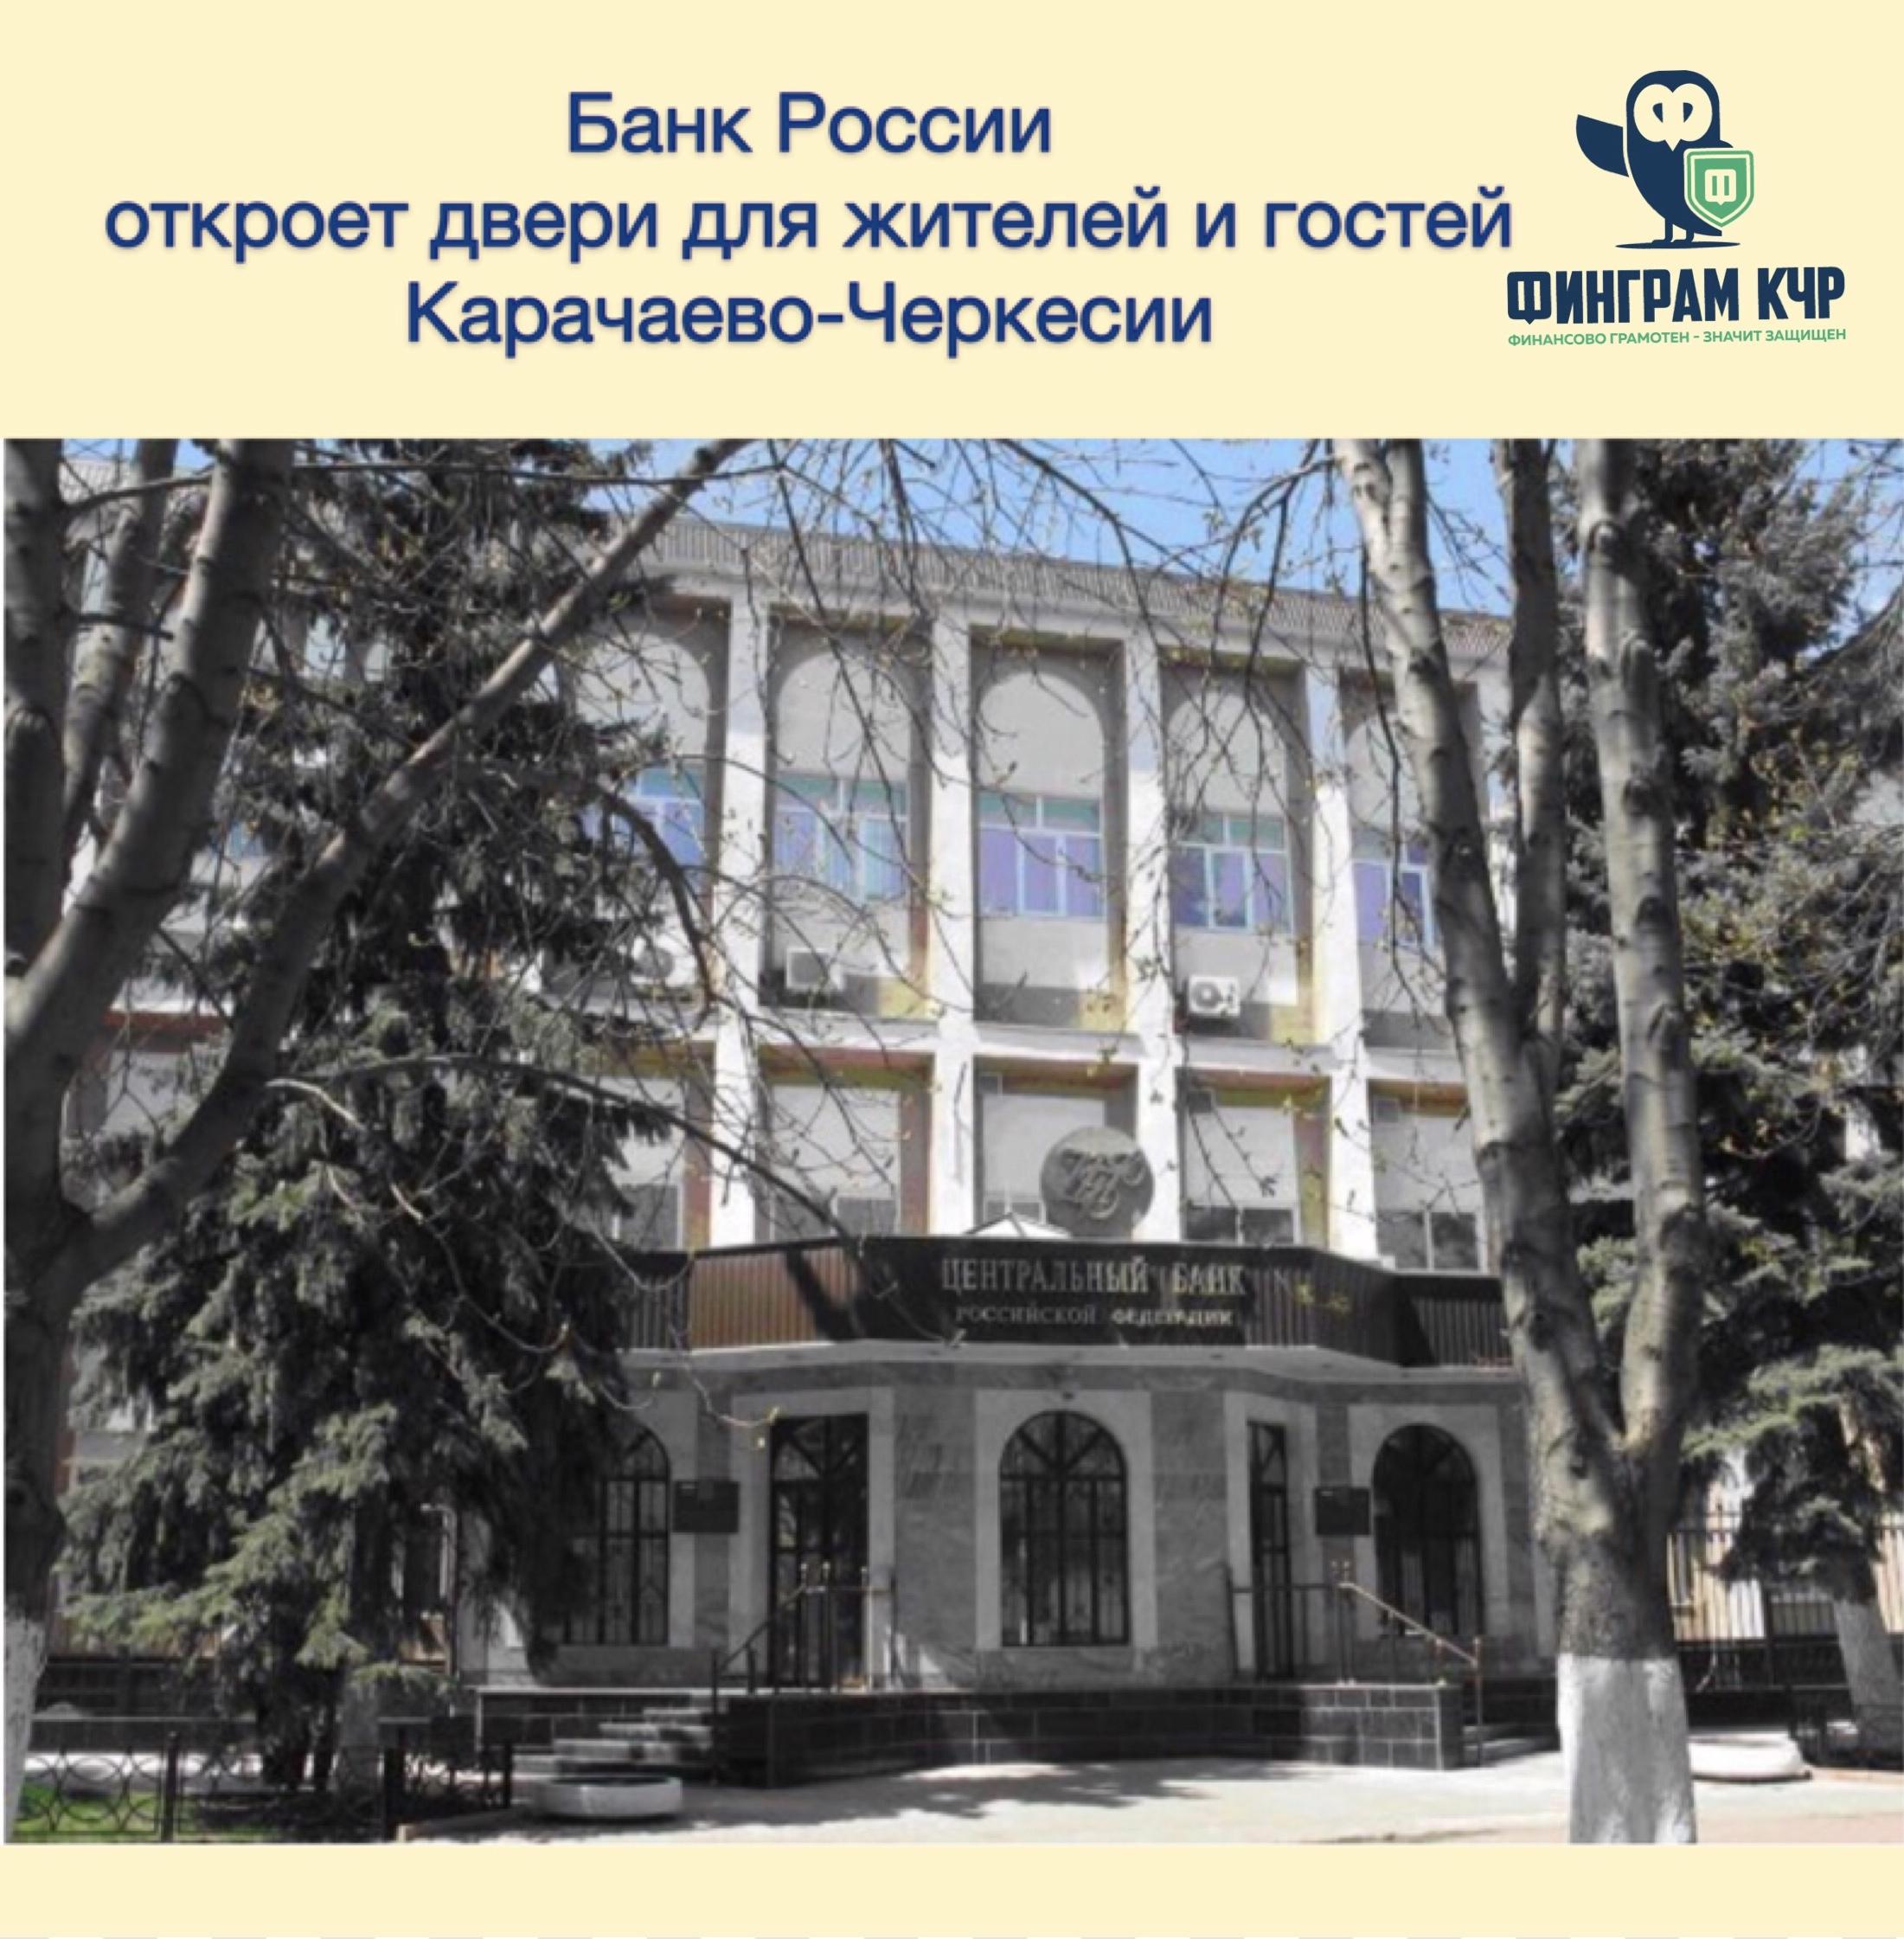 Банк России откроет двери для жителей и гостей Карачаево-Черкесии